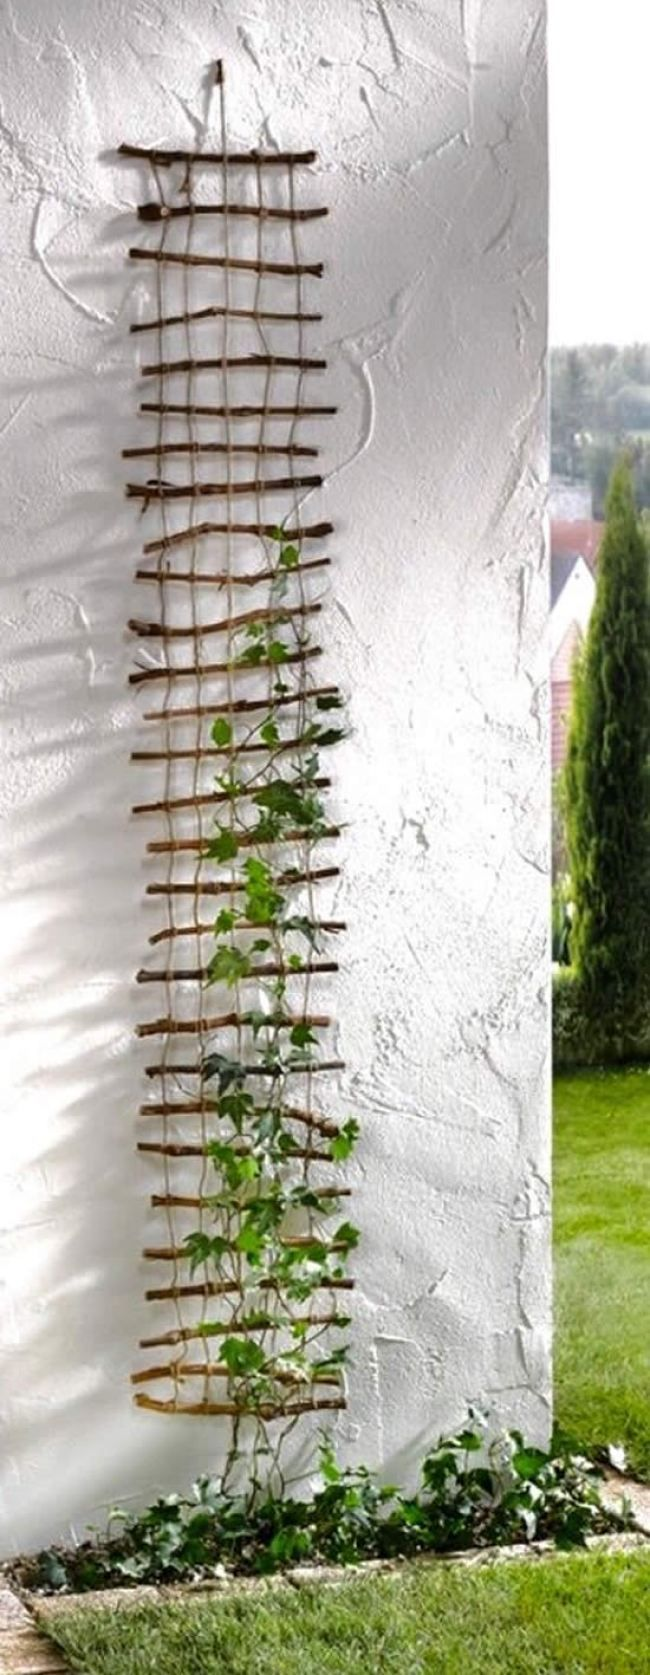 Wunderschöne DIY-Gitter zum Klettern von Pflanzen